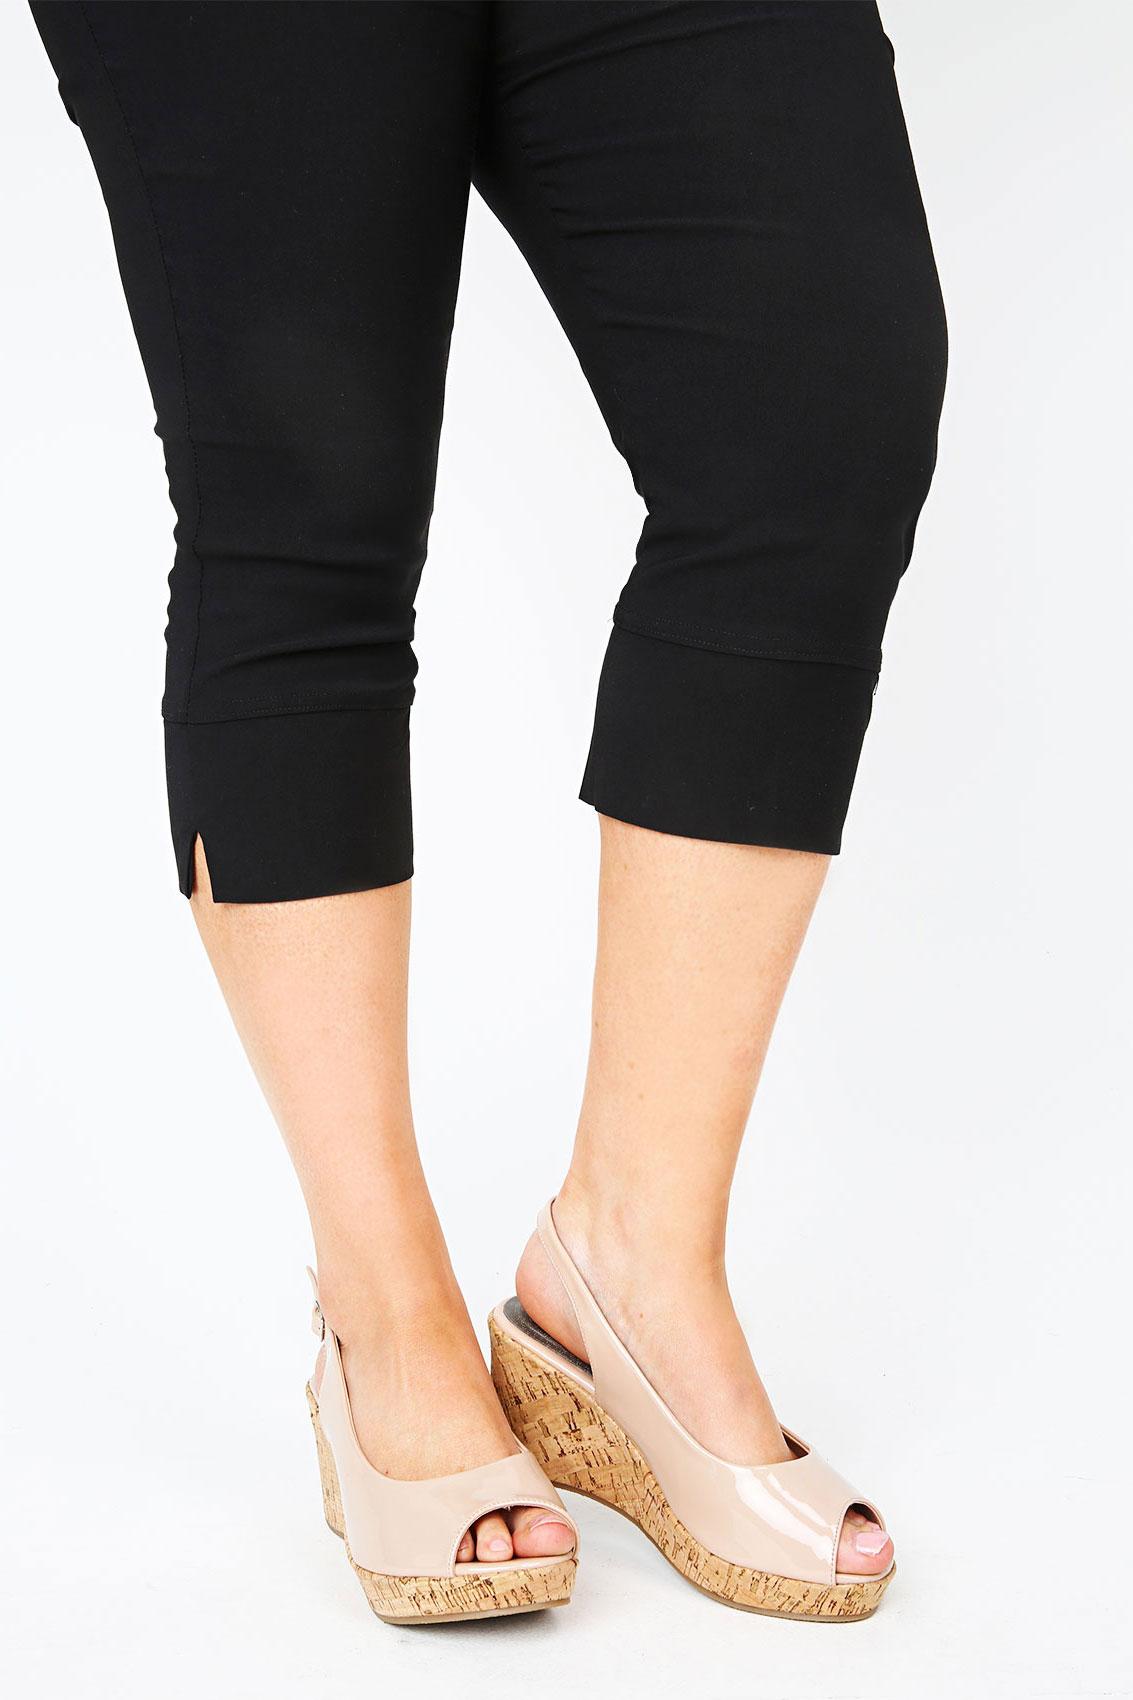 Black Patent Peep Toe Cork Wedge Sandal In A EEE Fit 4EEE